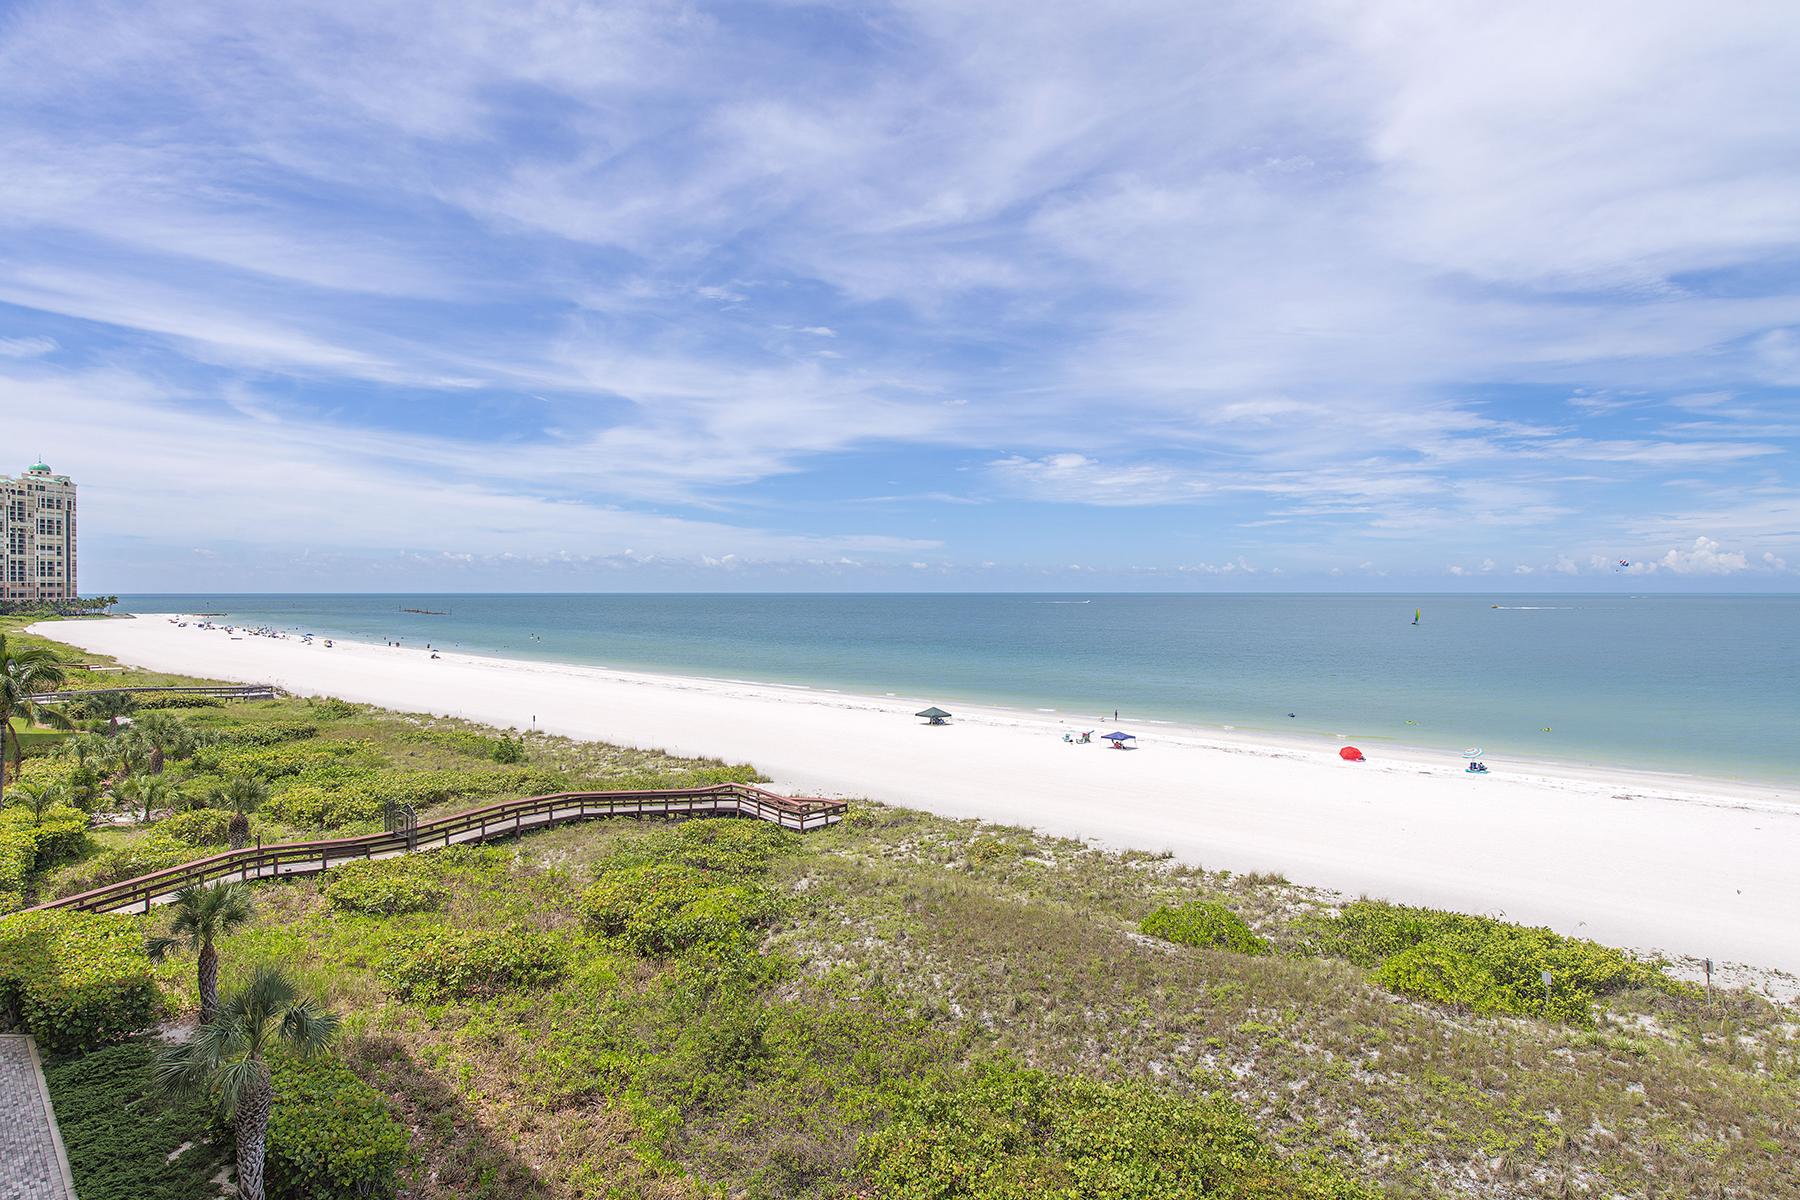 Condomínio para Venda às MARCO ISLAND - SOMERSET 780 S Collier Blvd 508 Marco Island, Florida 34145 Estados Unidos